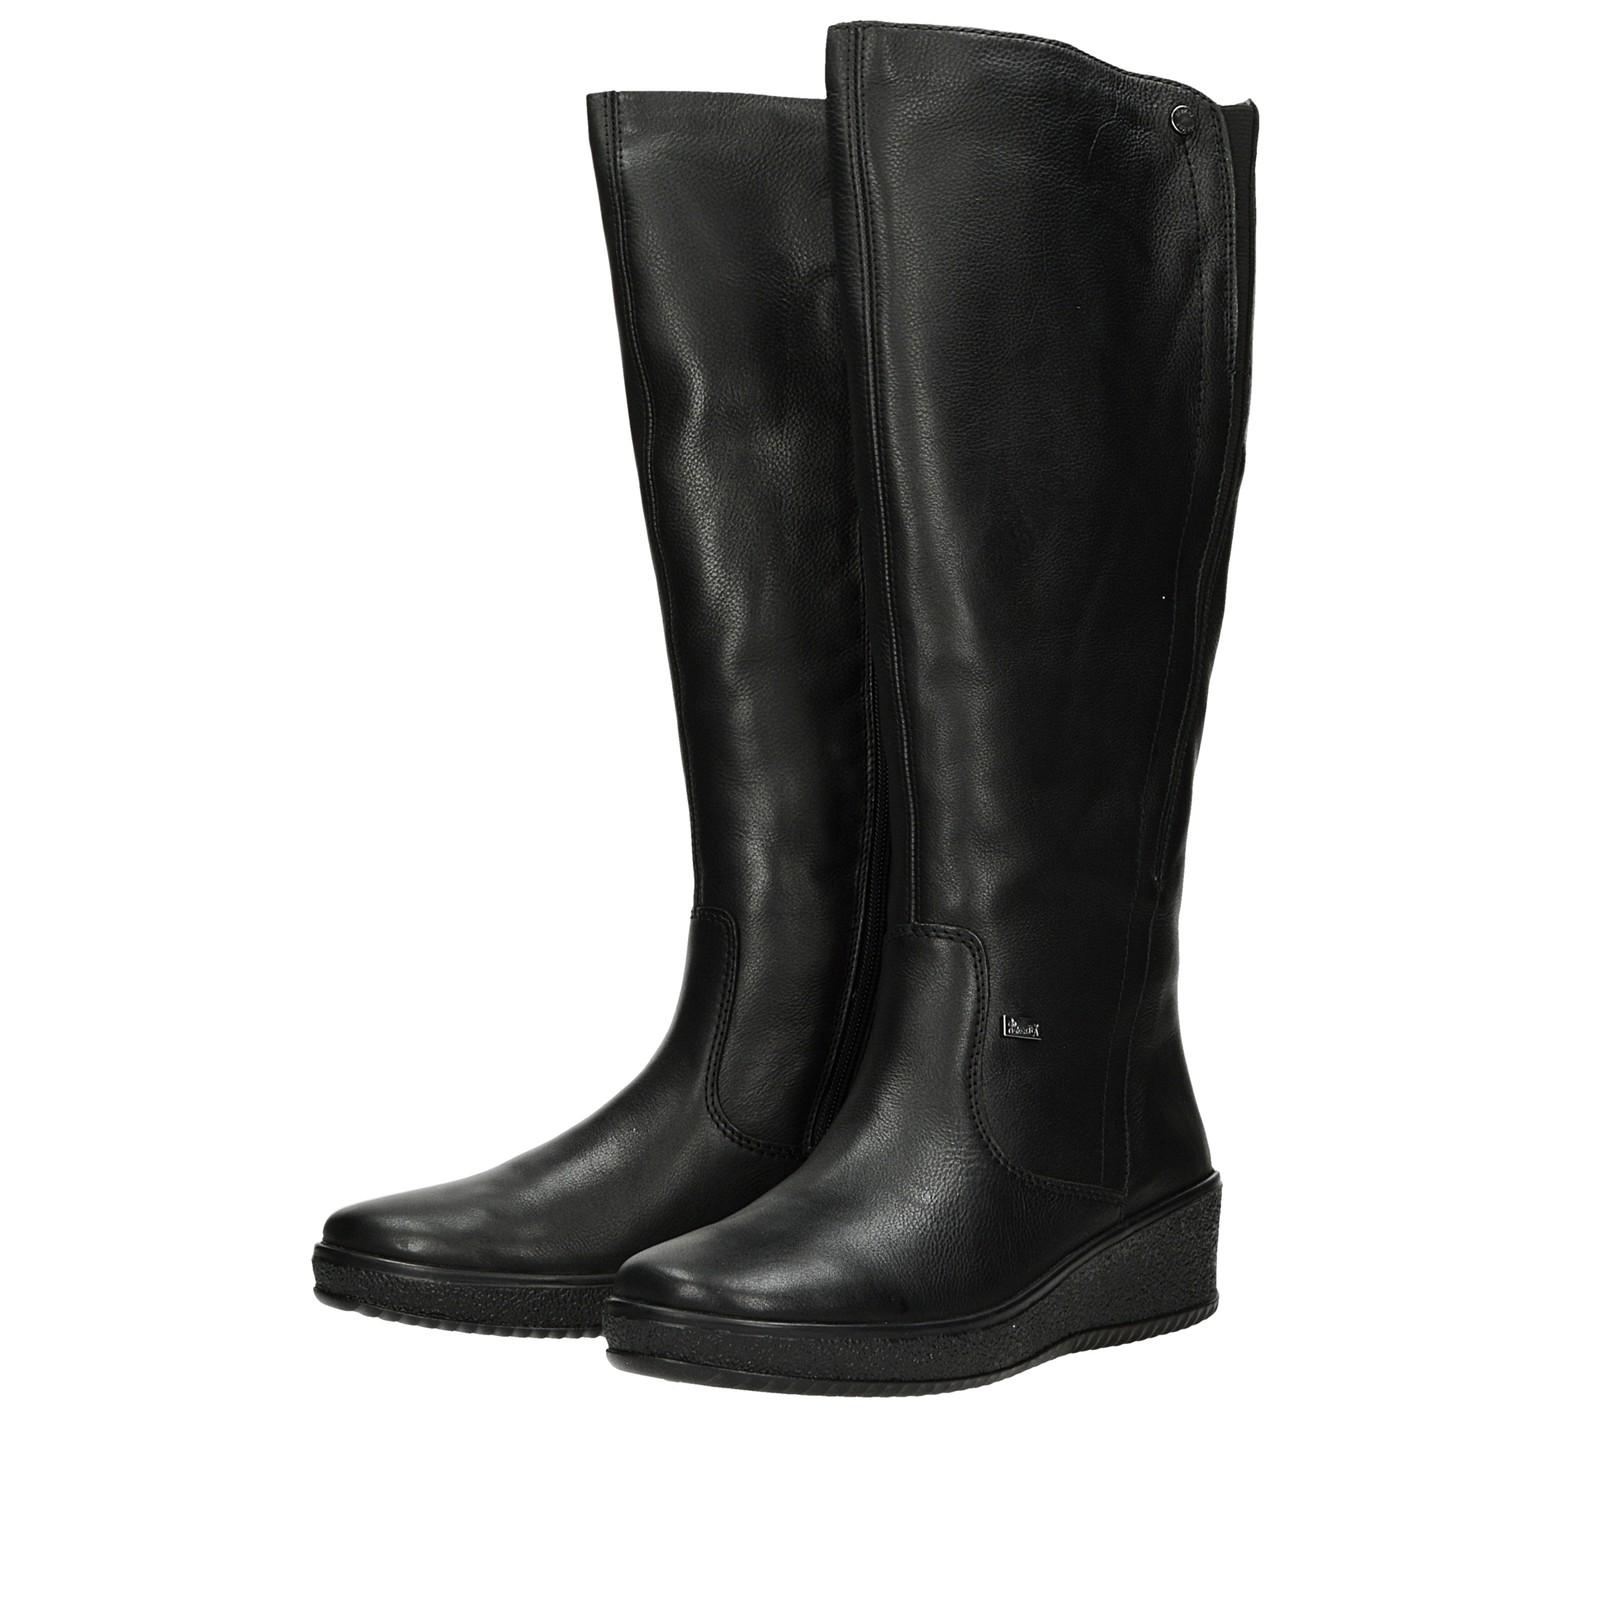 6da0065f88 ... Rieker dámske štýlové vysoké čižmy - čierne ...